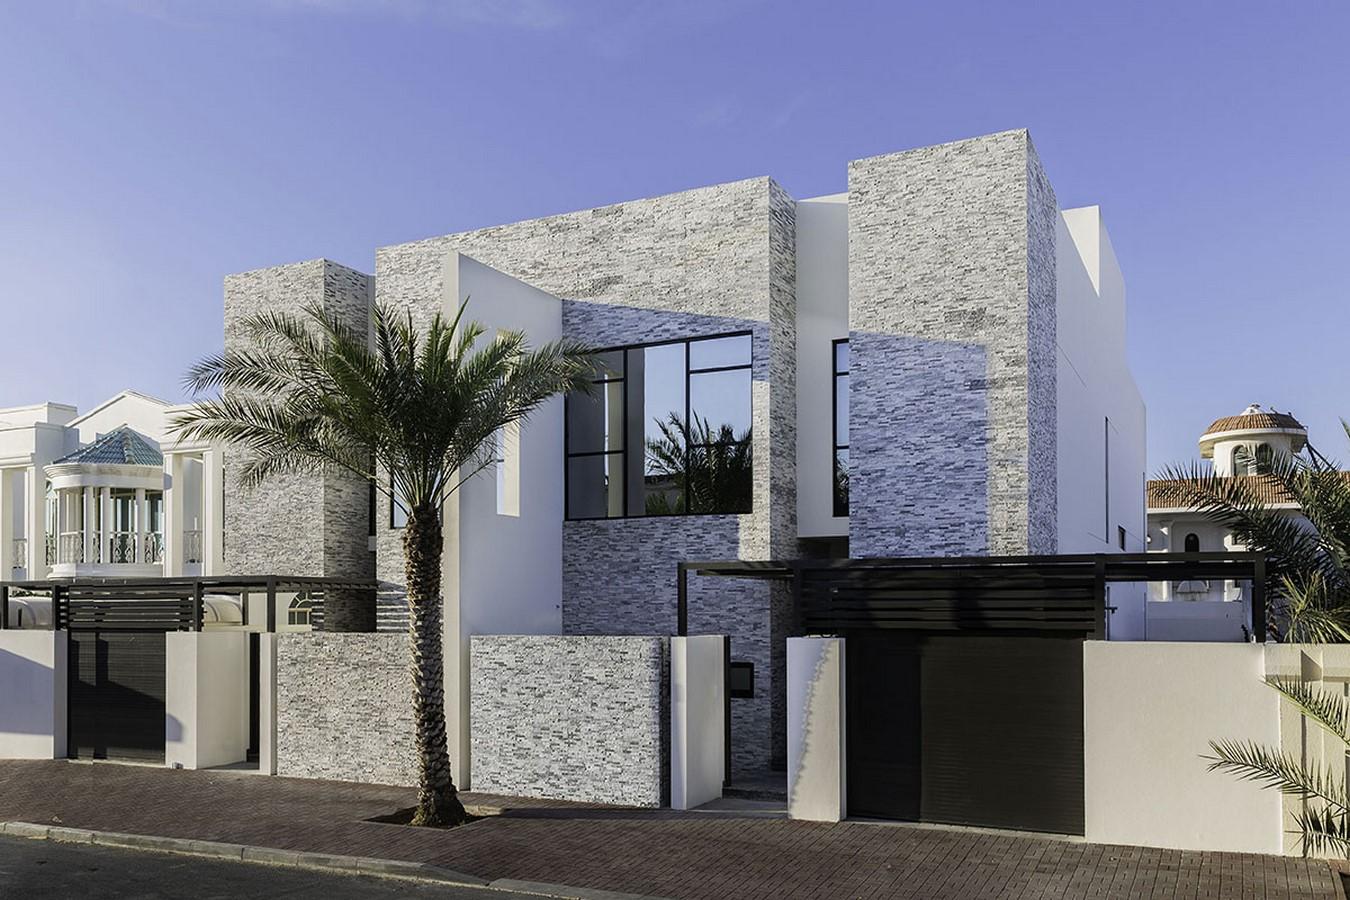 Top Architects in Dubai - Top 90 Architects in Dubai - Sheet10